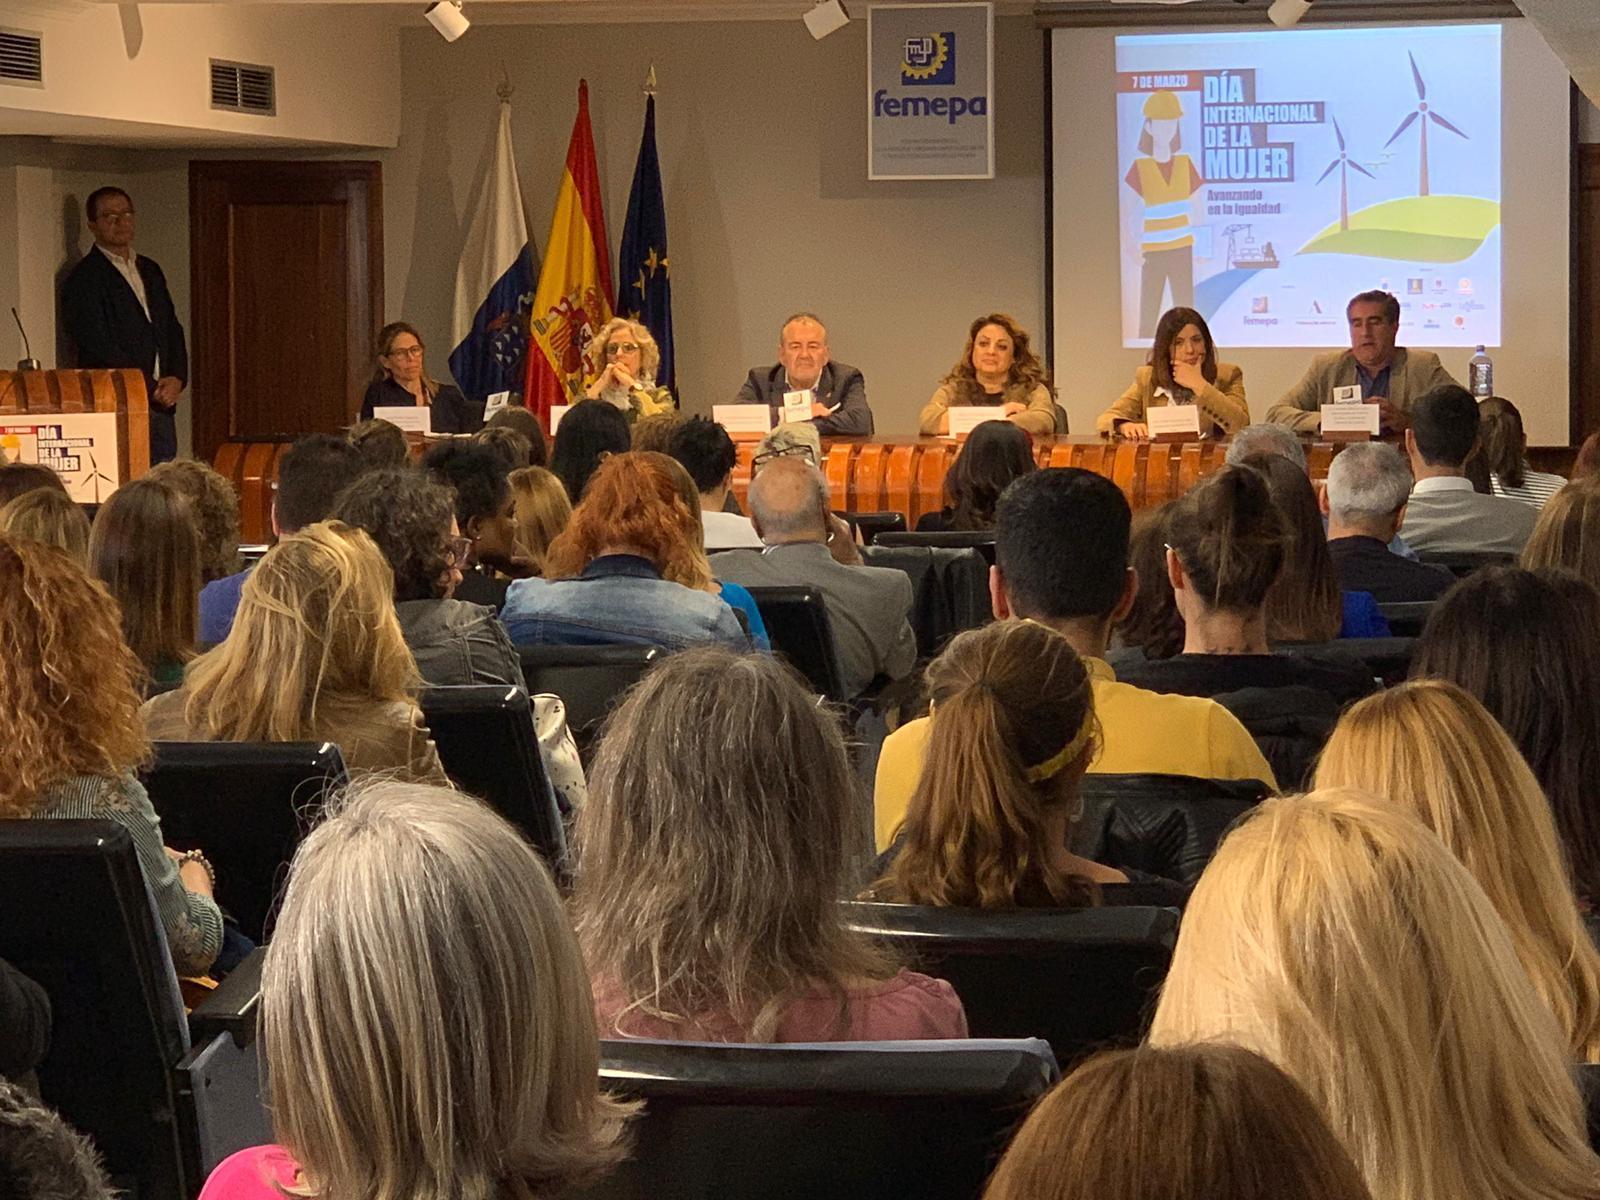 Femepa y Fundación Adecco celebraron el Día Internacional de la Mujer